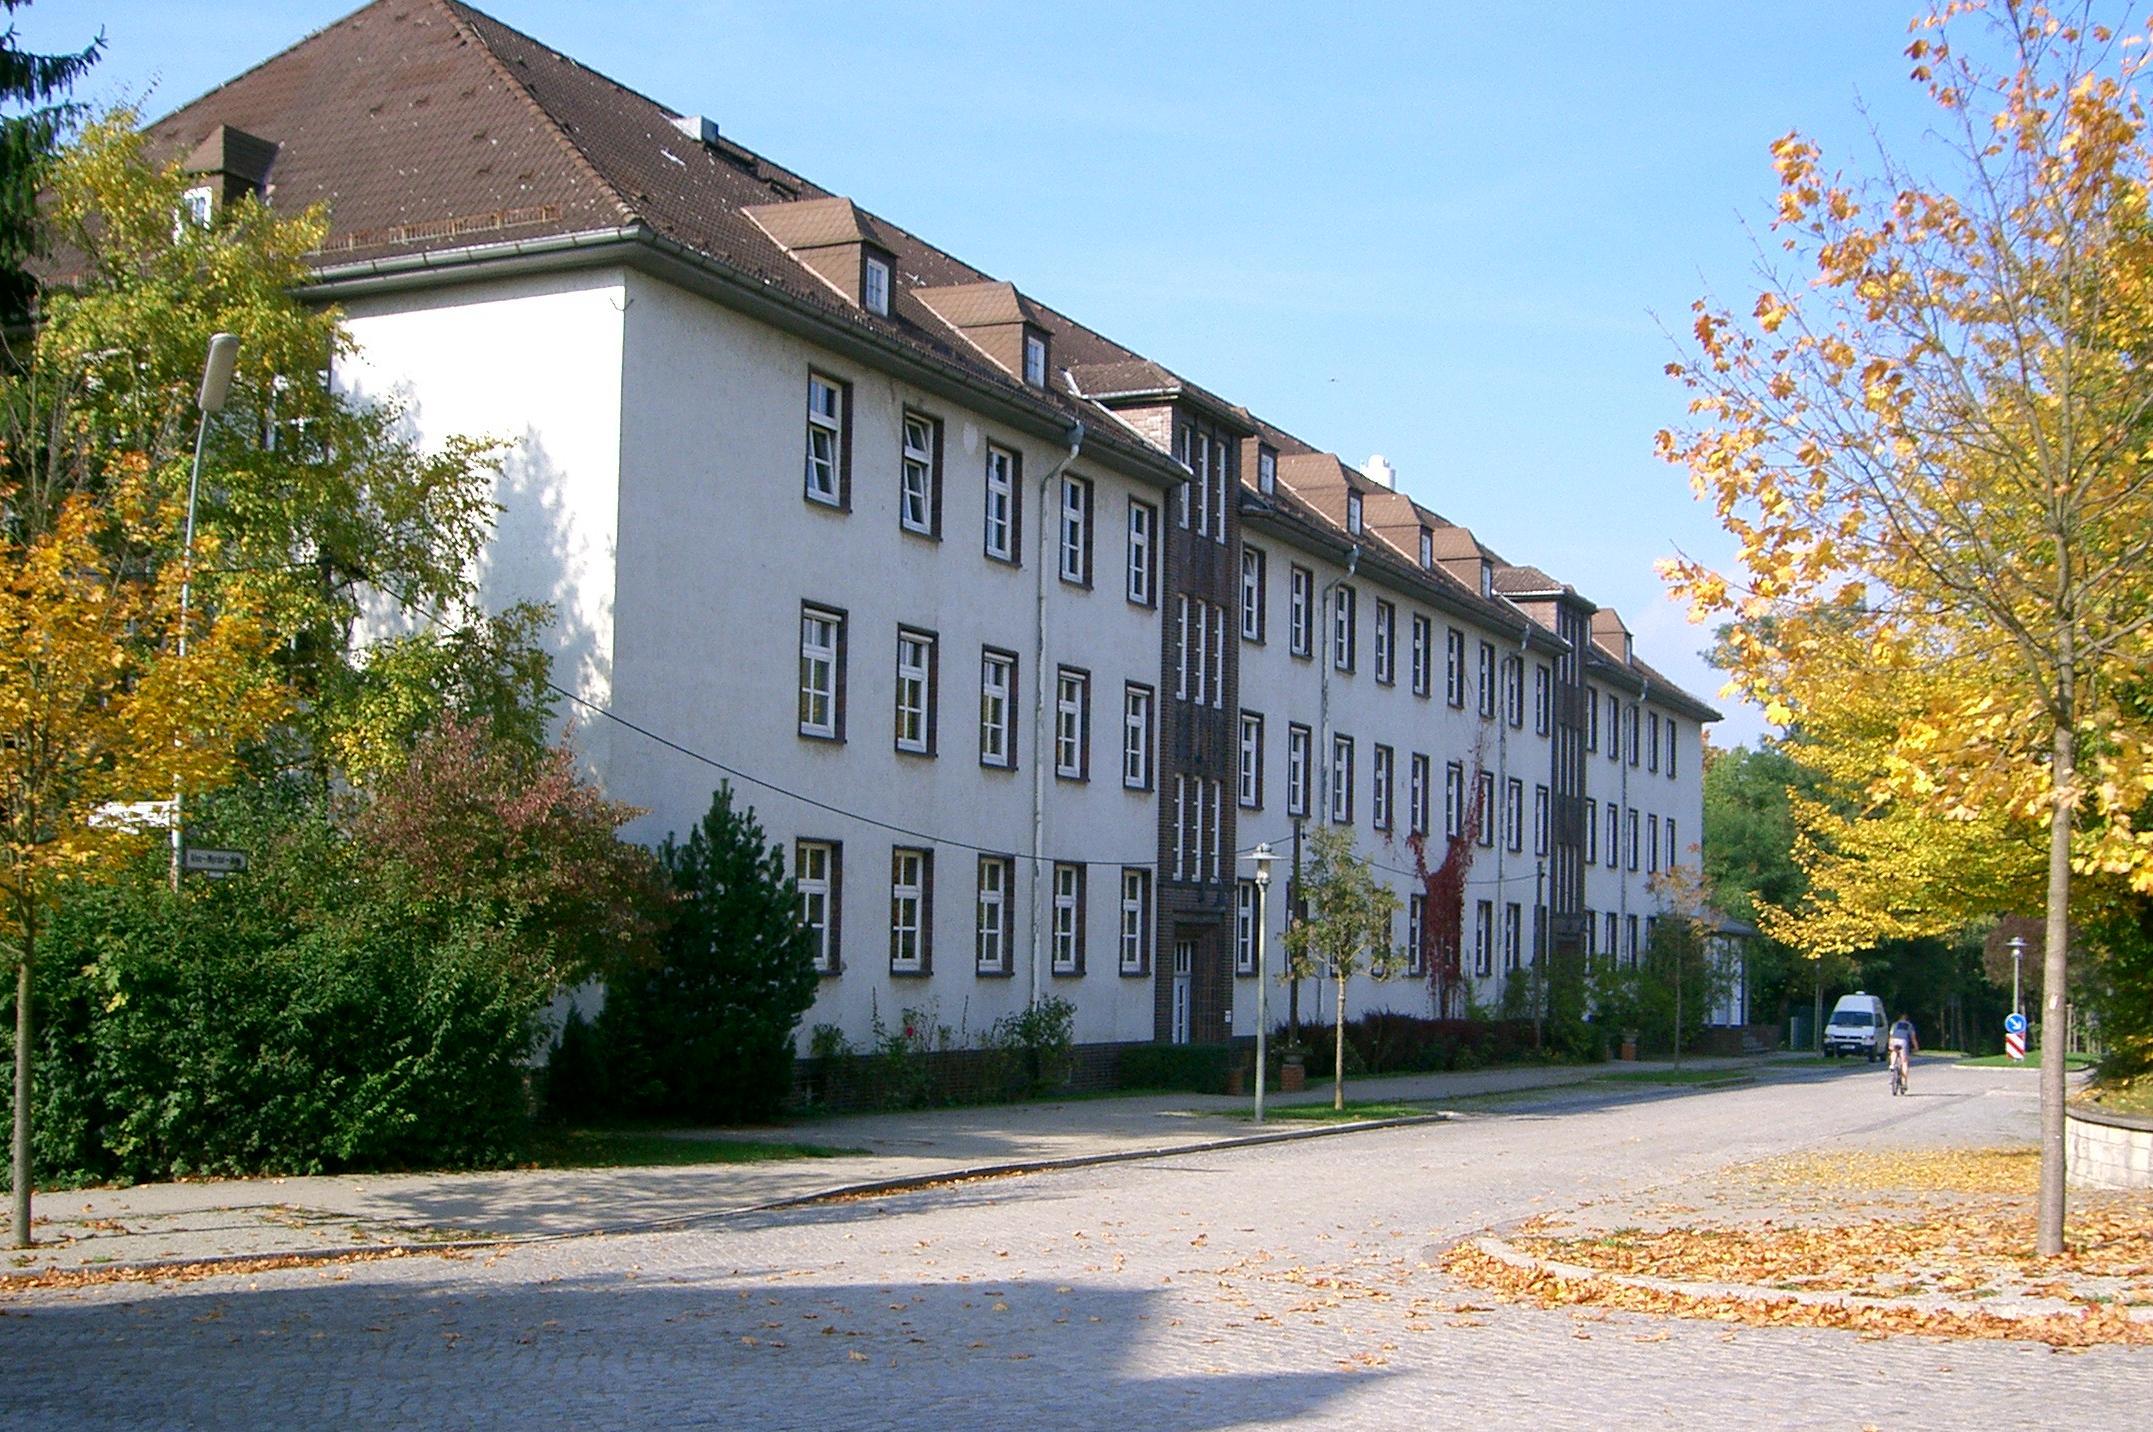 Liste Ehemaliger Bundeswehr Liegenschaften Wikipedia